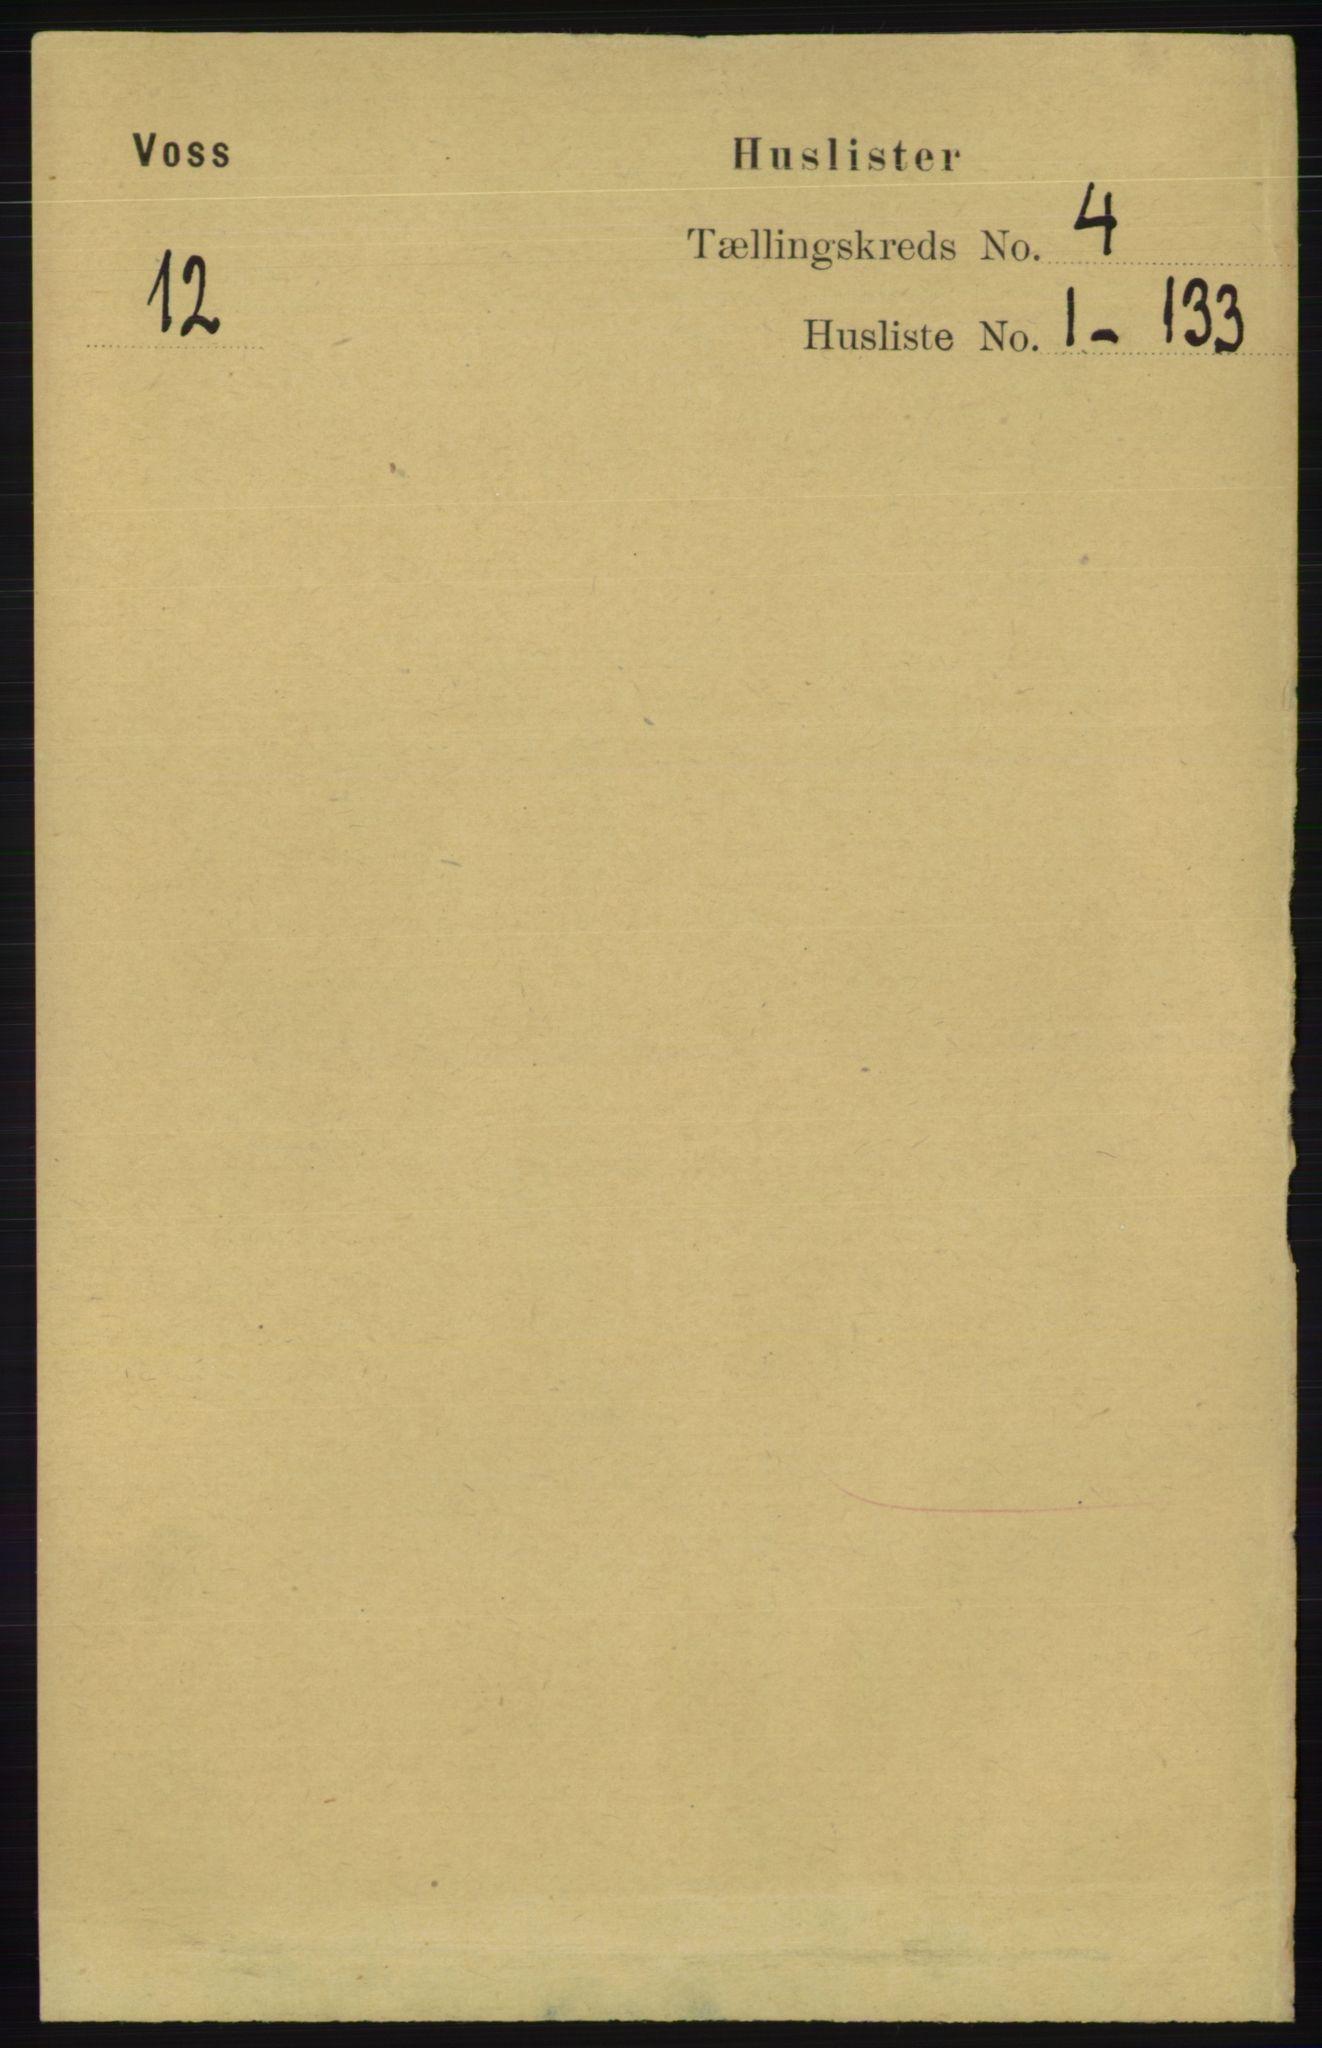 RA, Folketelling 1891 for 1235 Voss herred, 1891, s. 1427